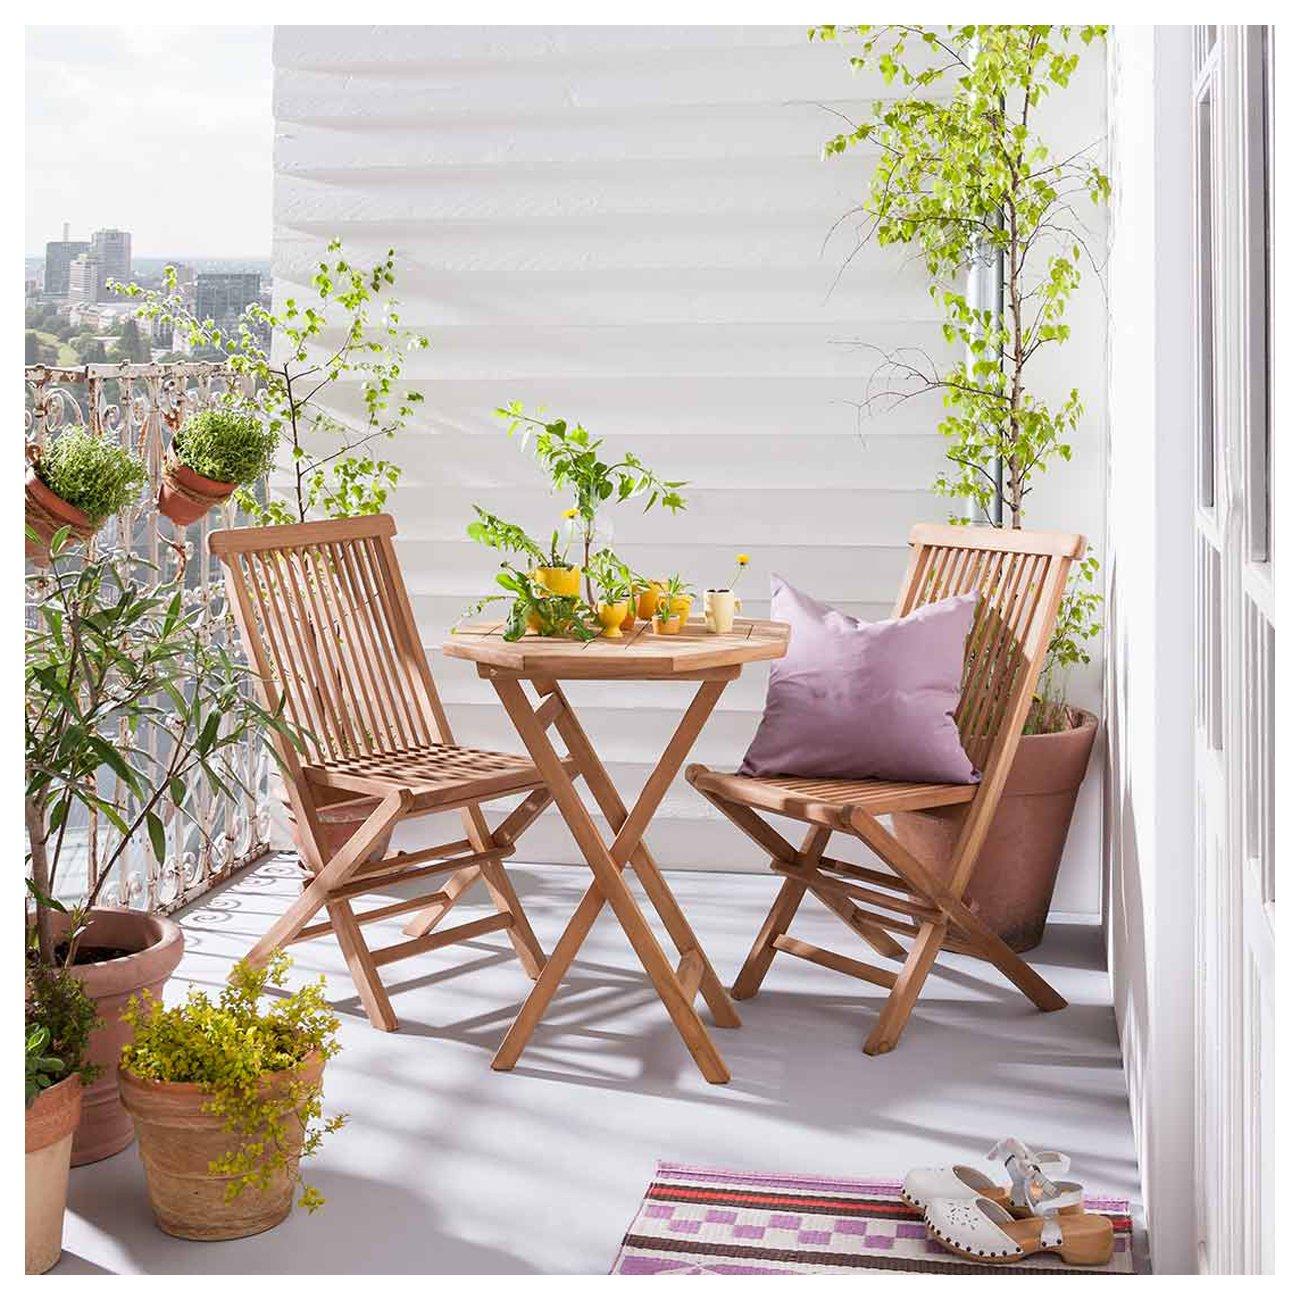 Balkonmöbel Set Holz OUTLIV. Seattle Gartenmöbelset Klein 3-teilig ...